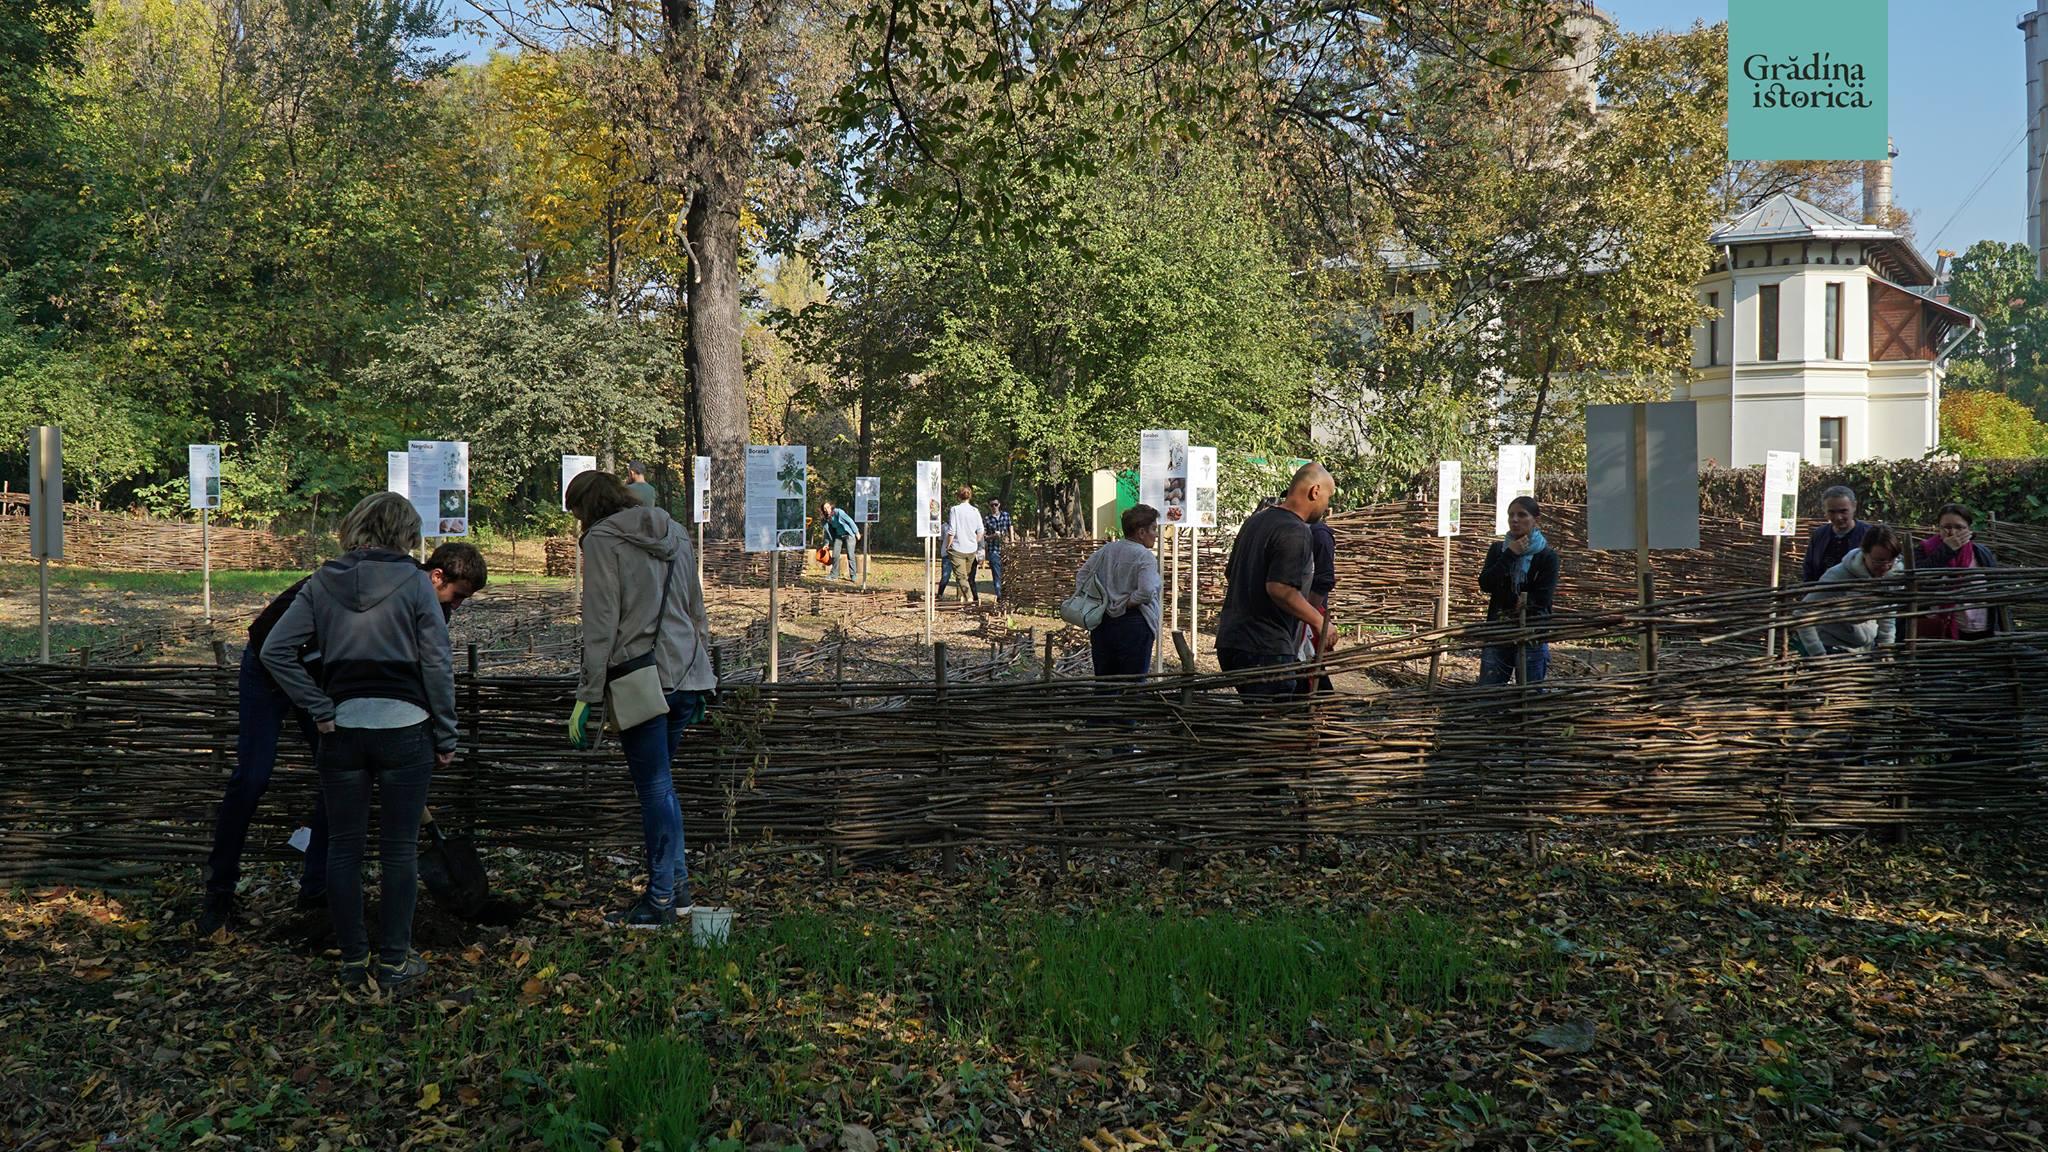 Proiect – Grădina istorică